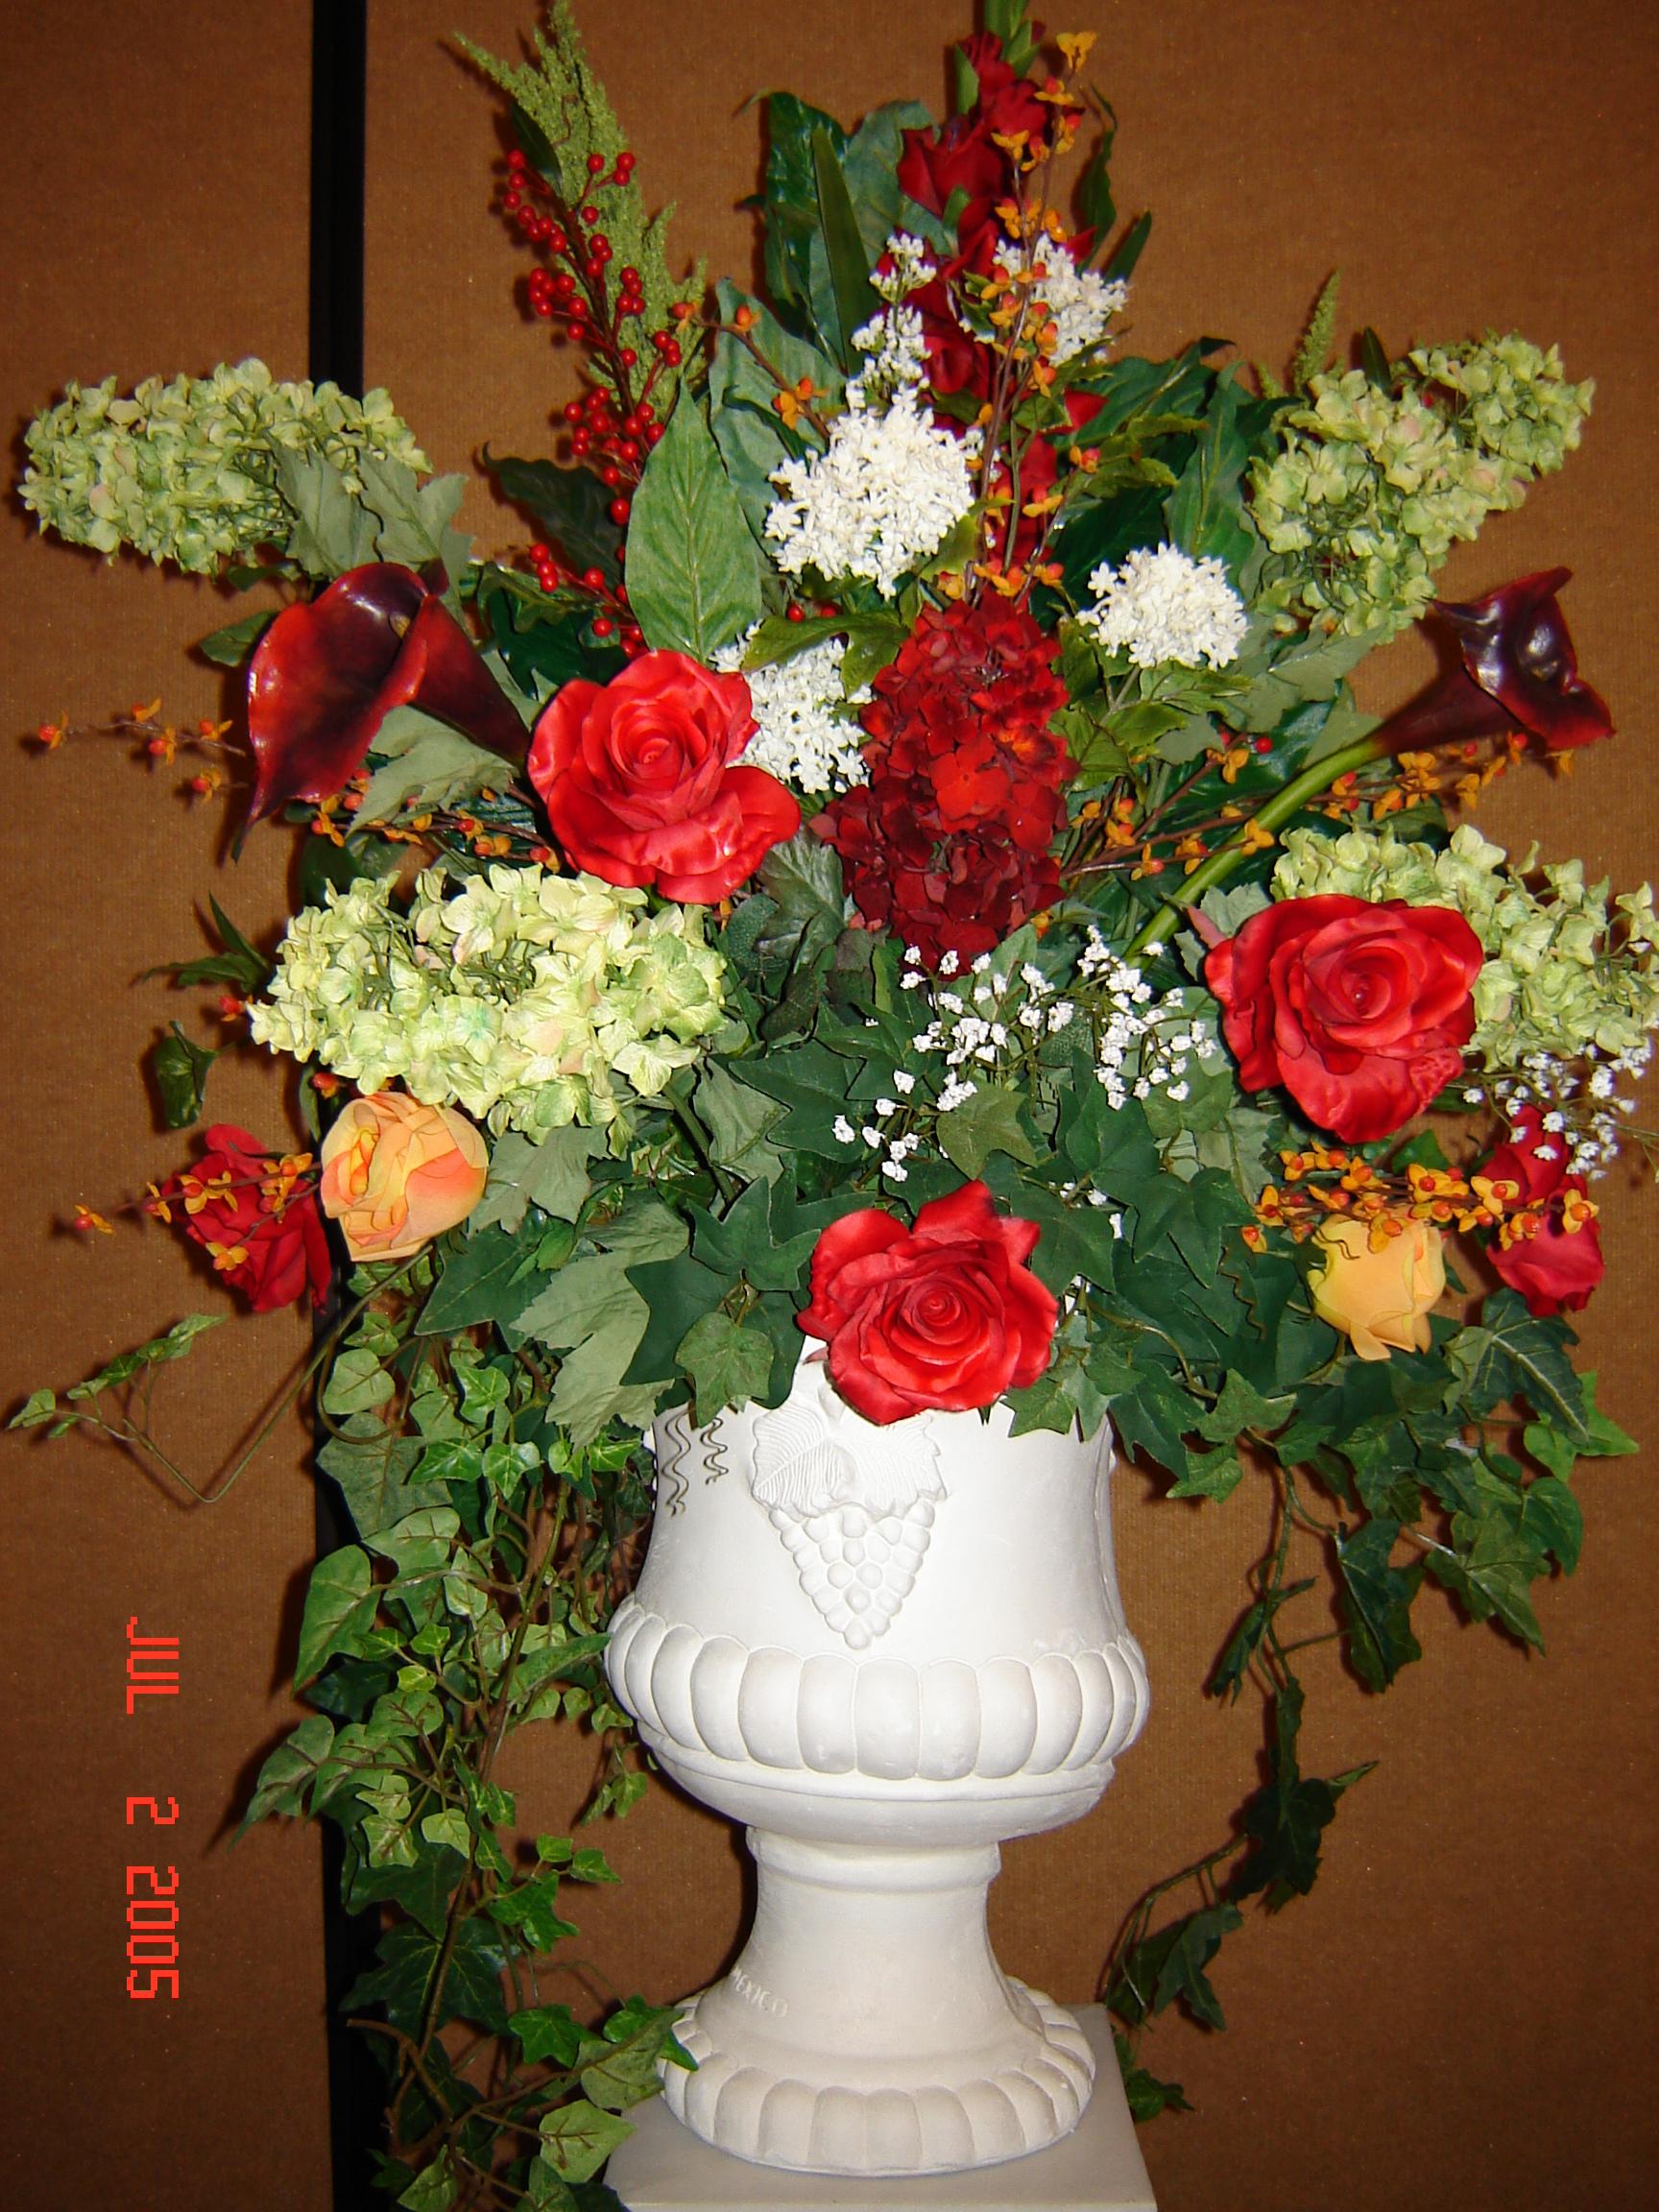 Simply Elegant Weddings Flower Arrangements